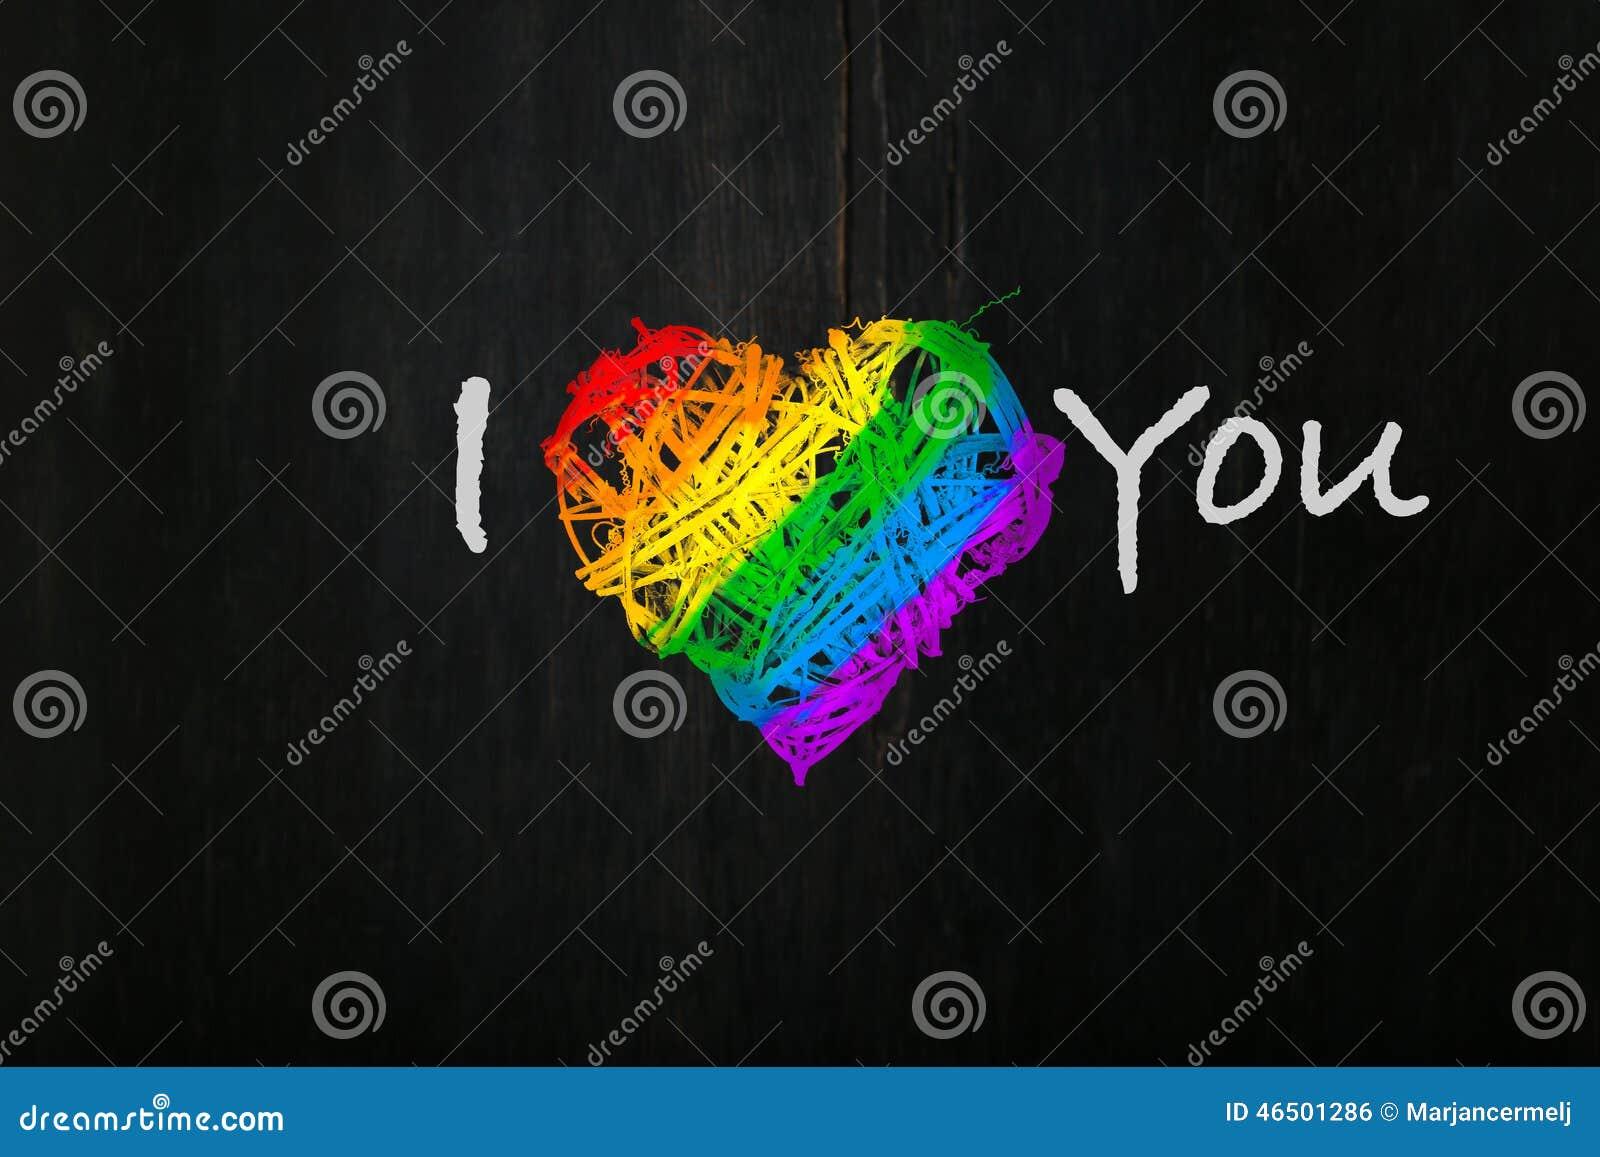 Love Valentines heart wreath in rainbow pride colours dark background